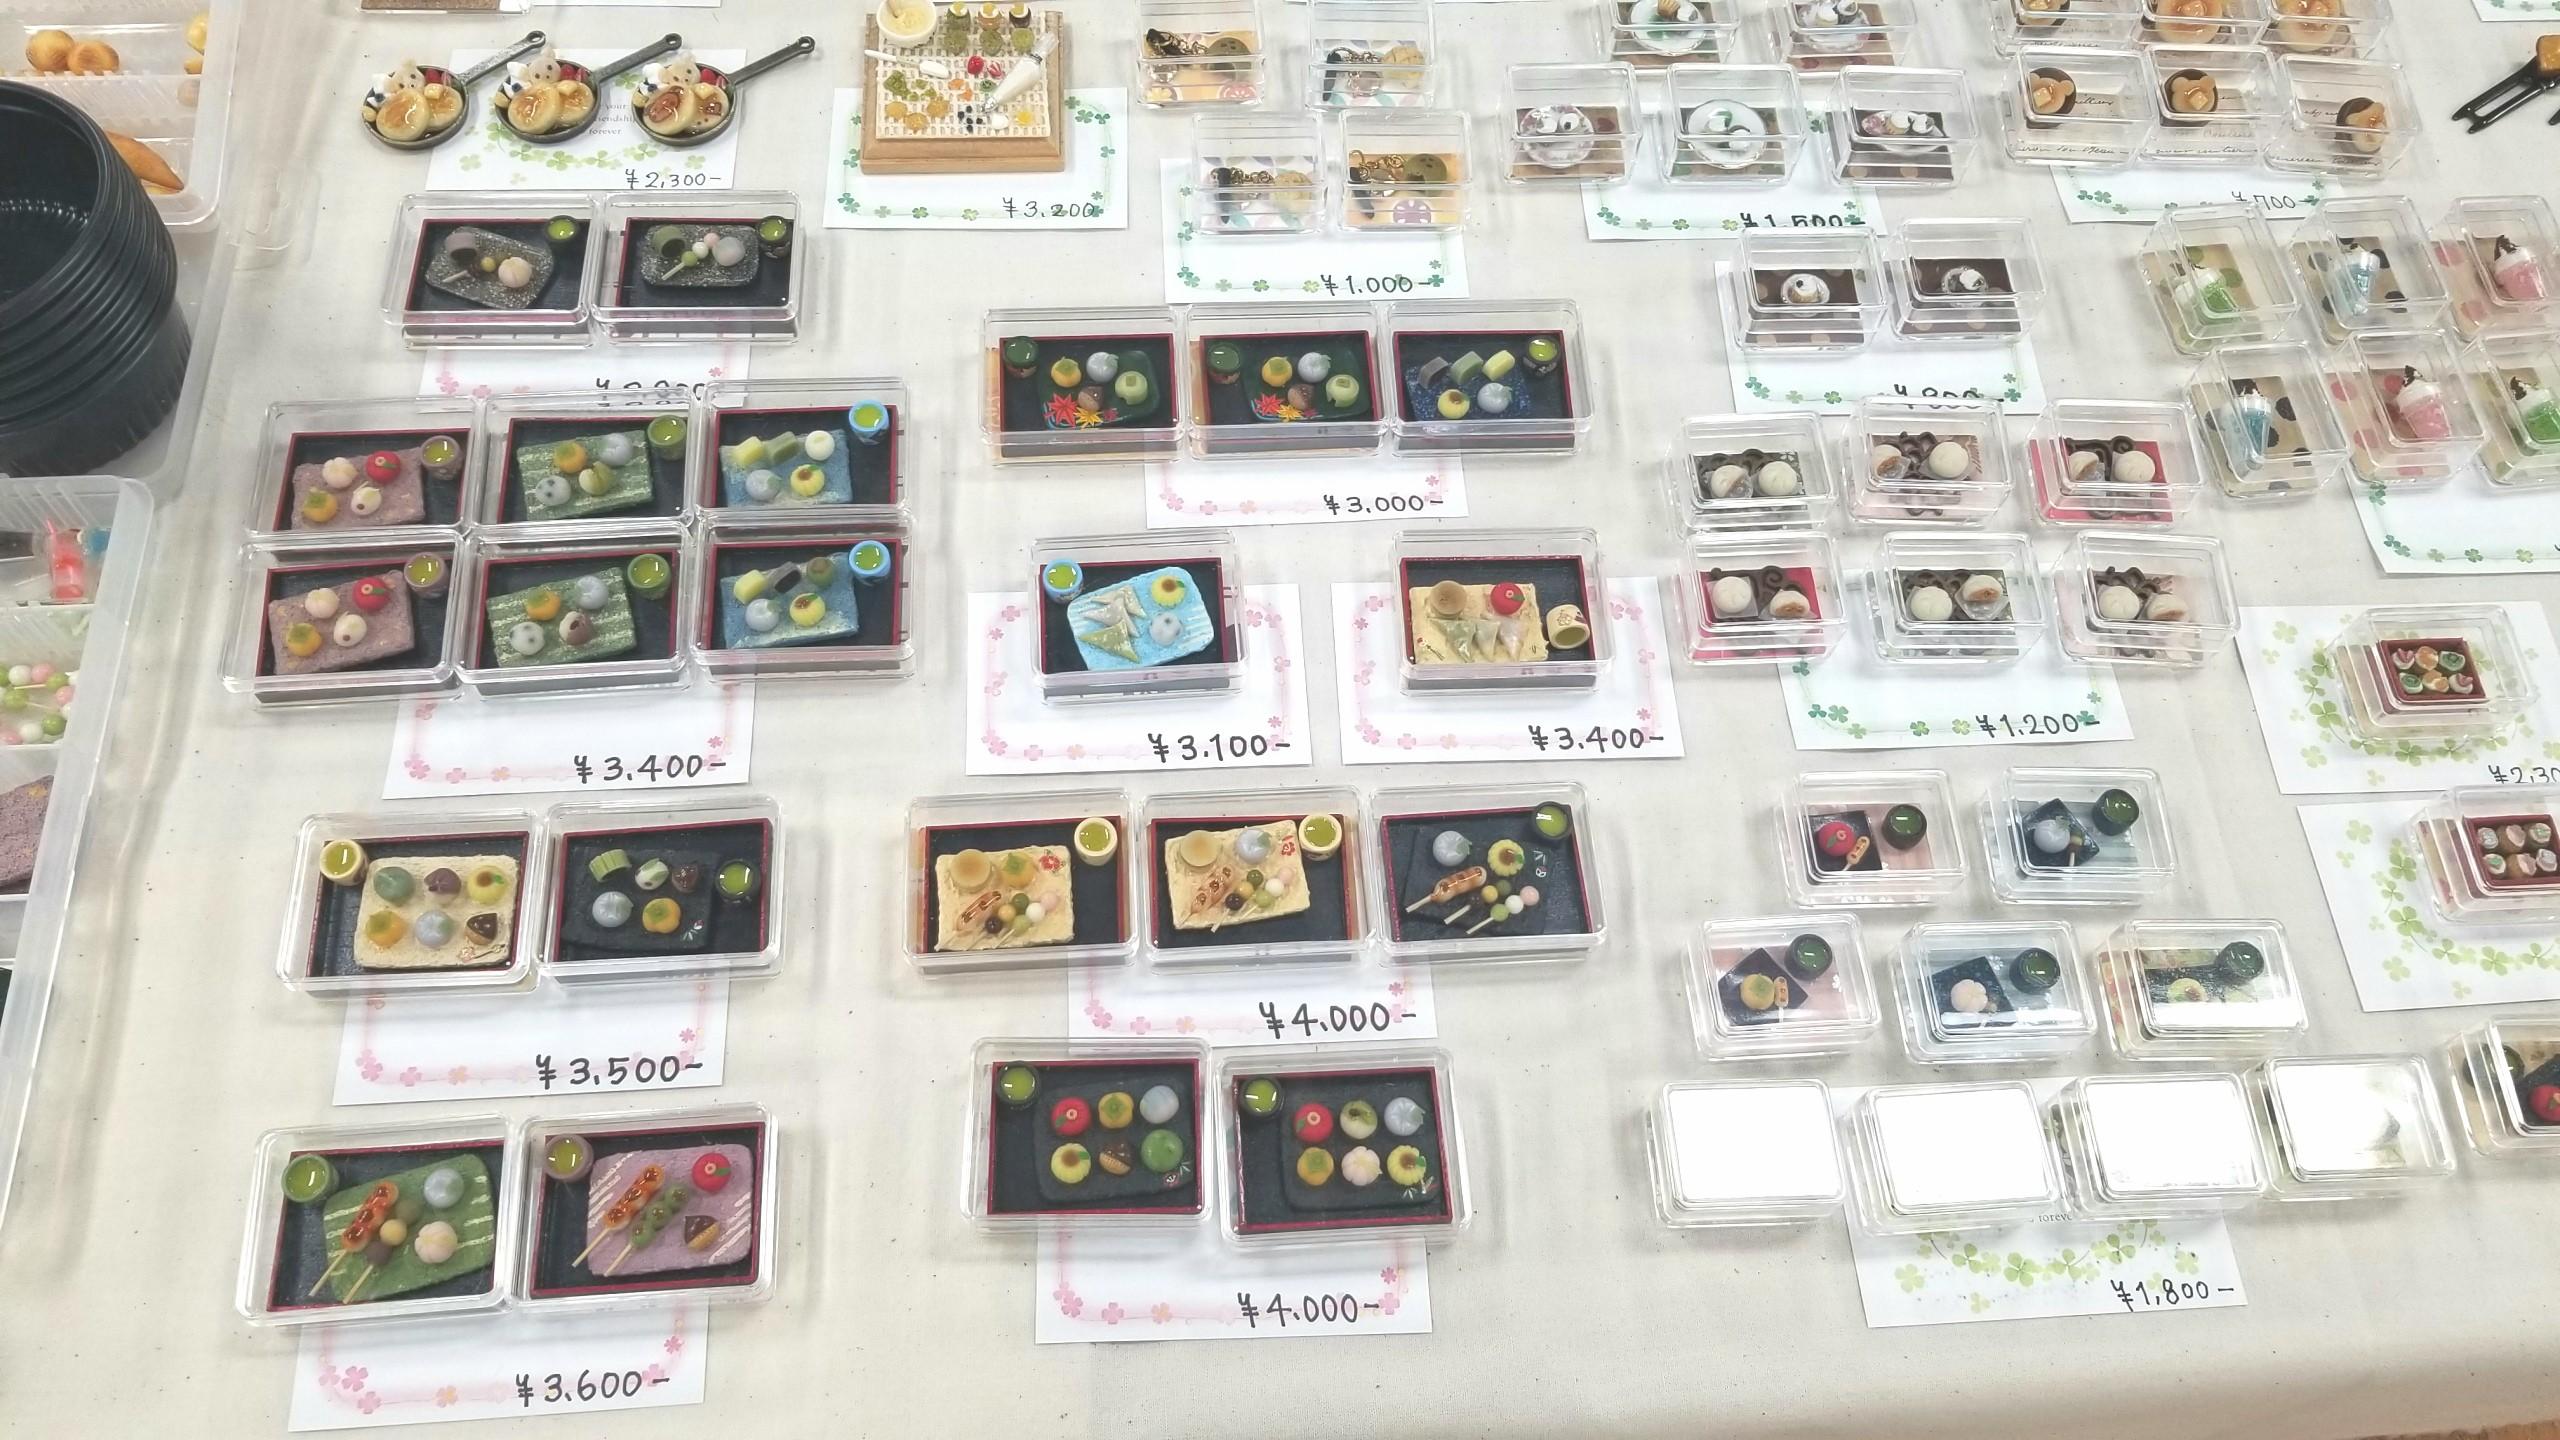 ミニチュアフード,樹脂粘土,ドールハウス,展示,出店,和菓子,販売